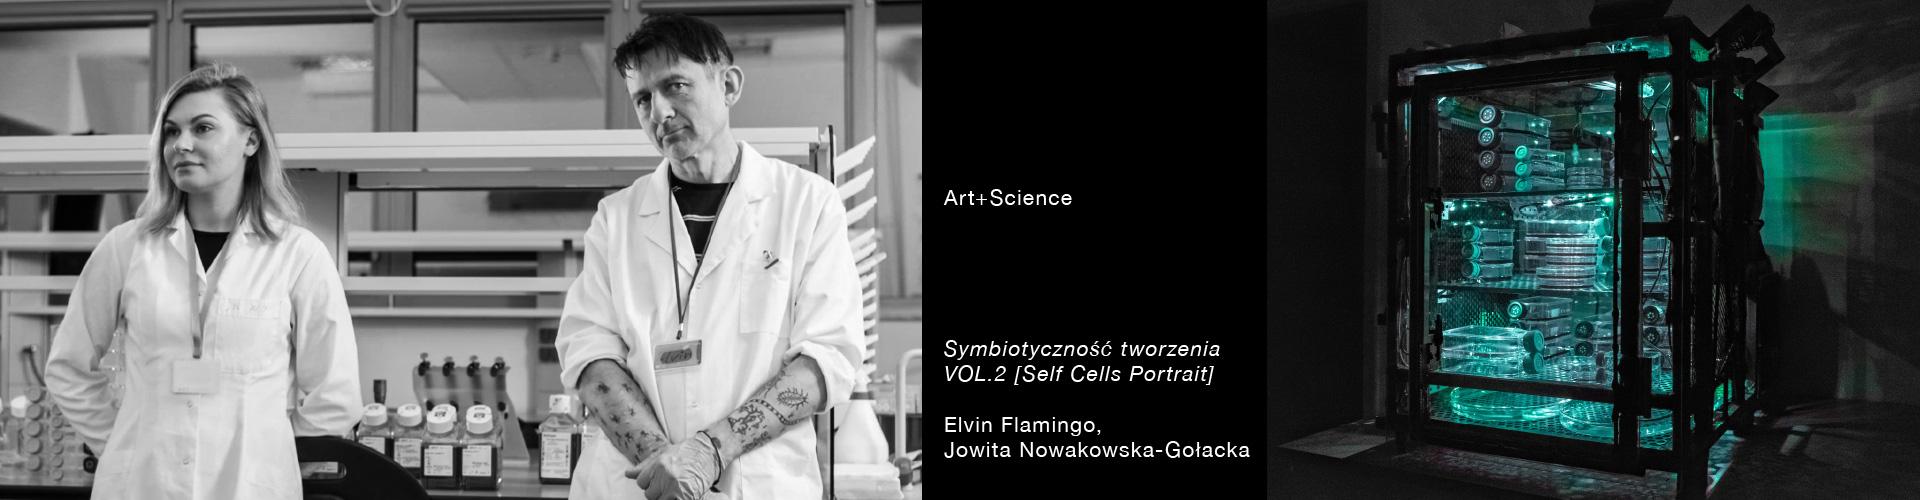 Symbiotyczność tworzenia VOL.2 [Self Cells Portrait]